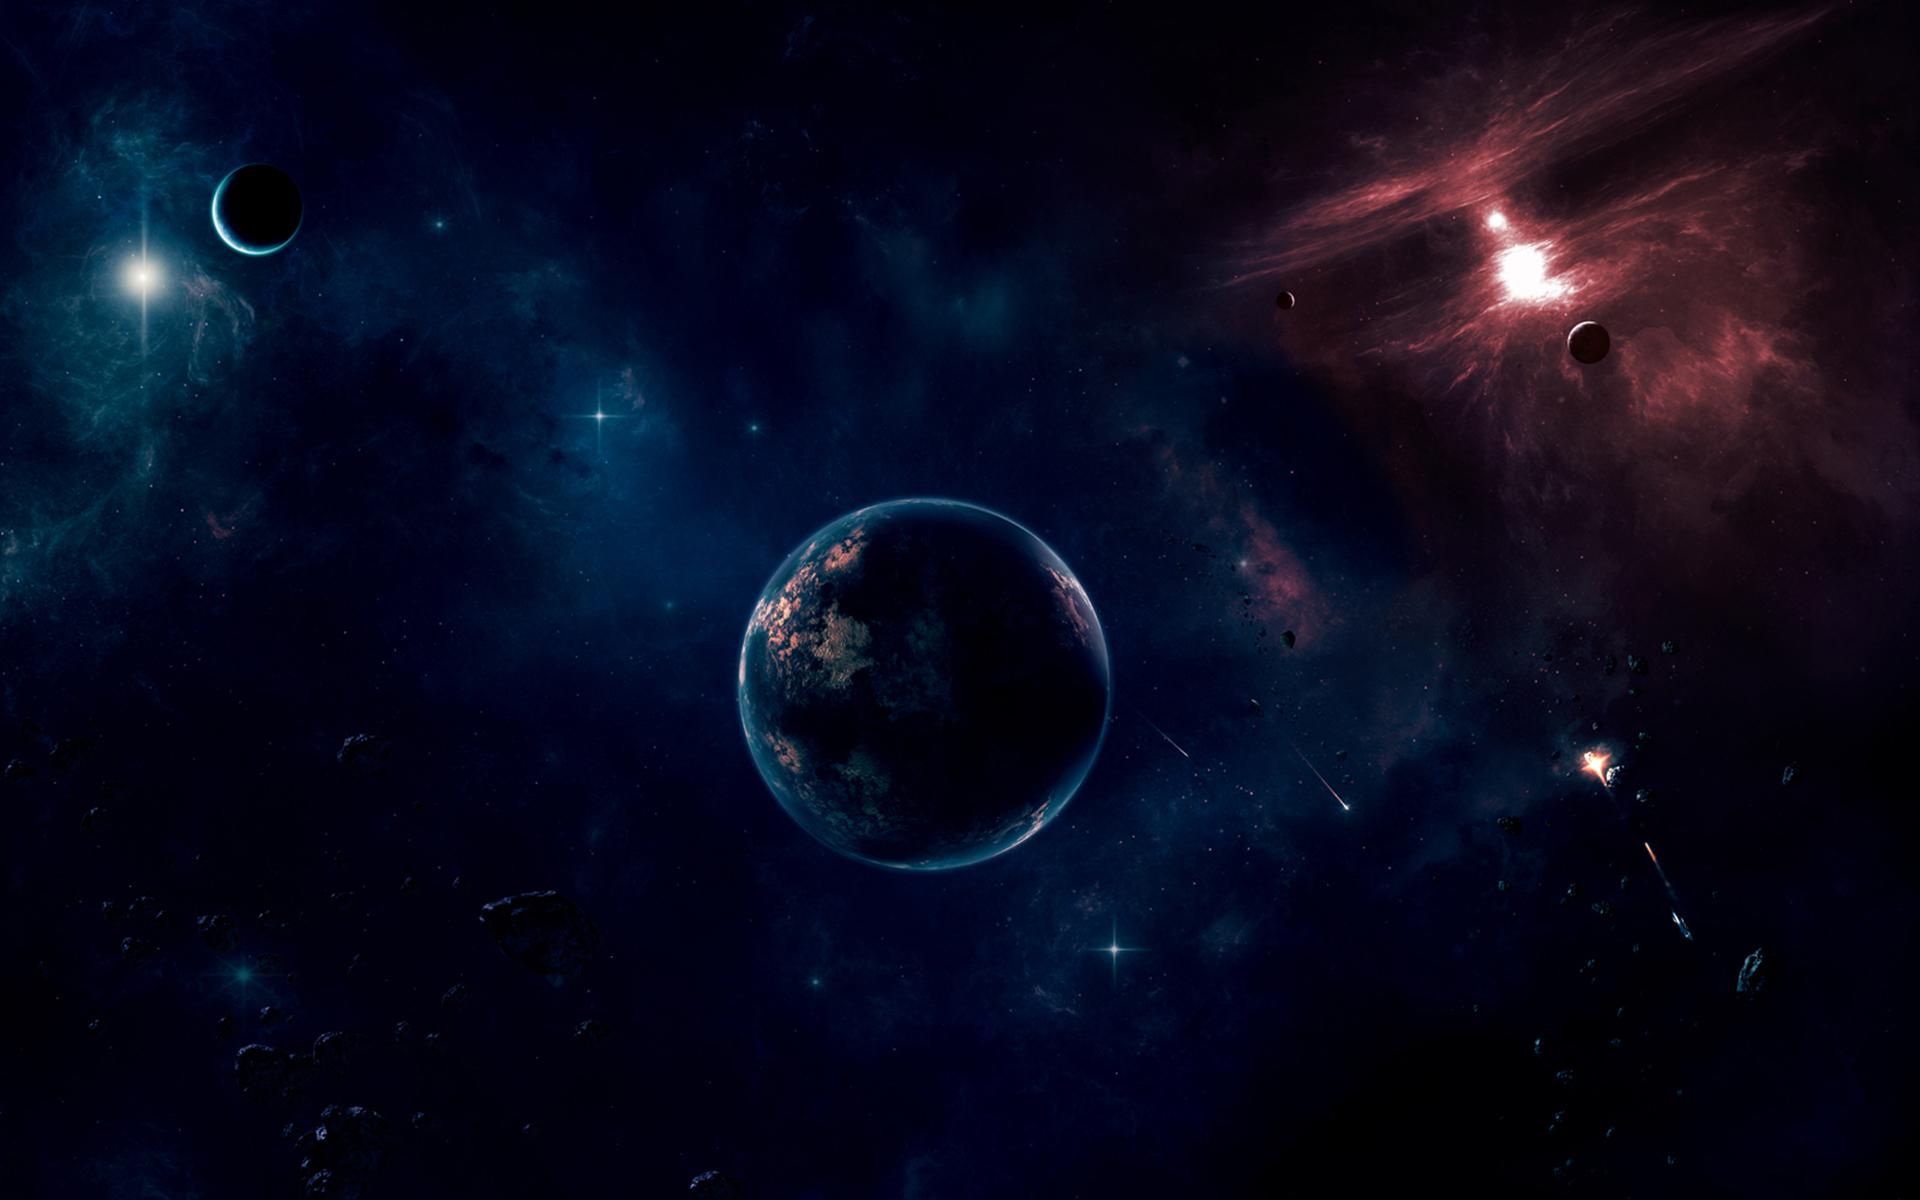 Картинка: Планеты, космос, звёзды, объекты